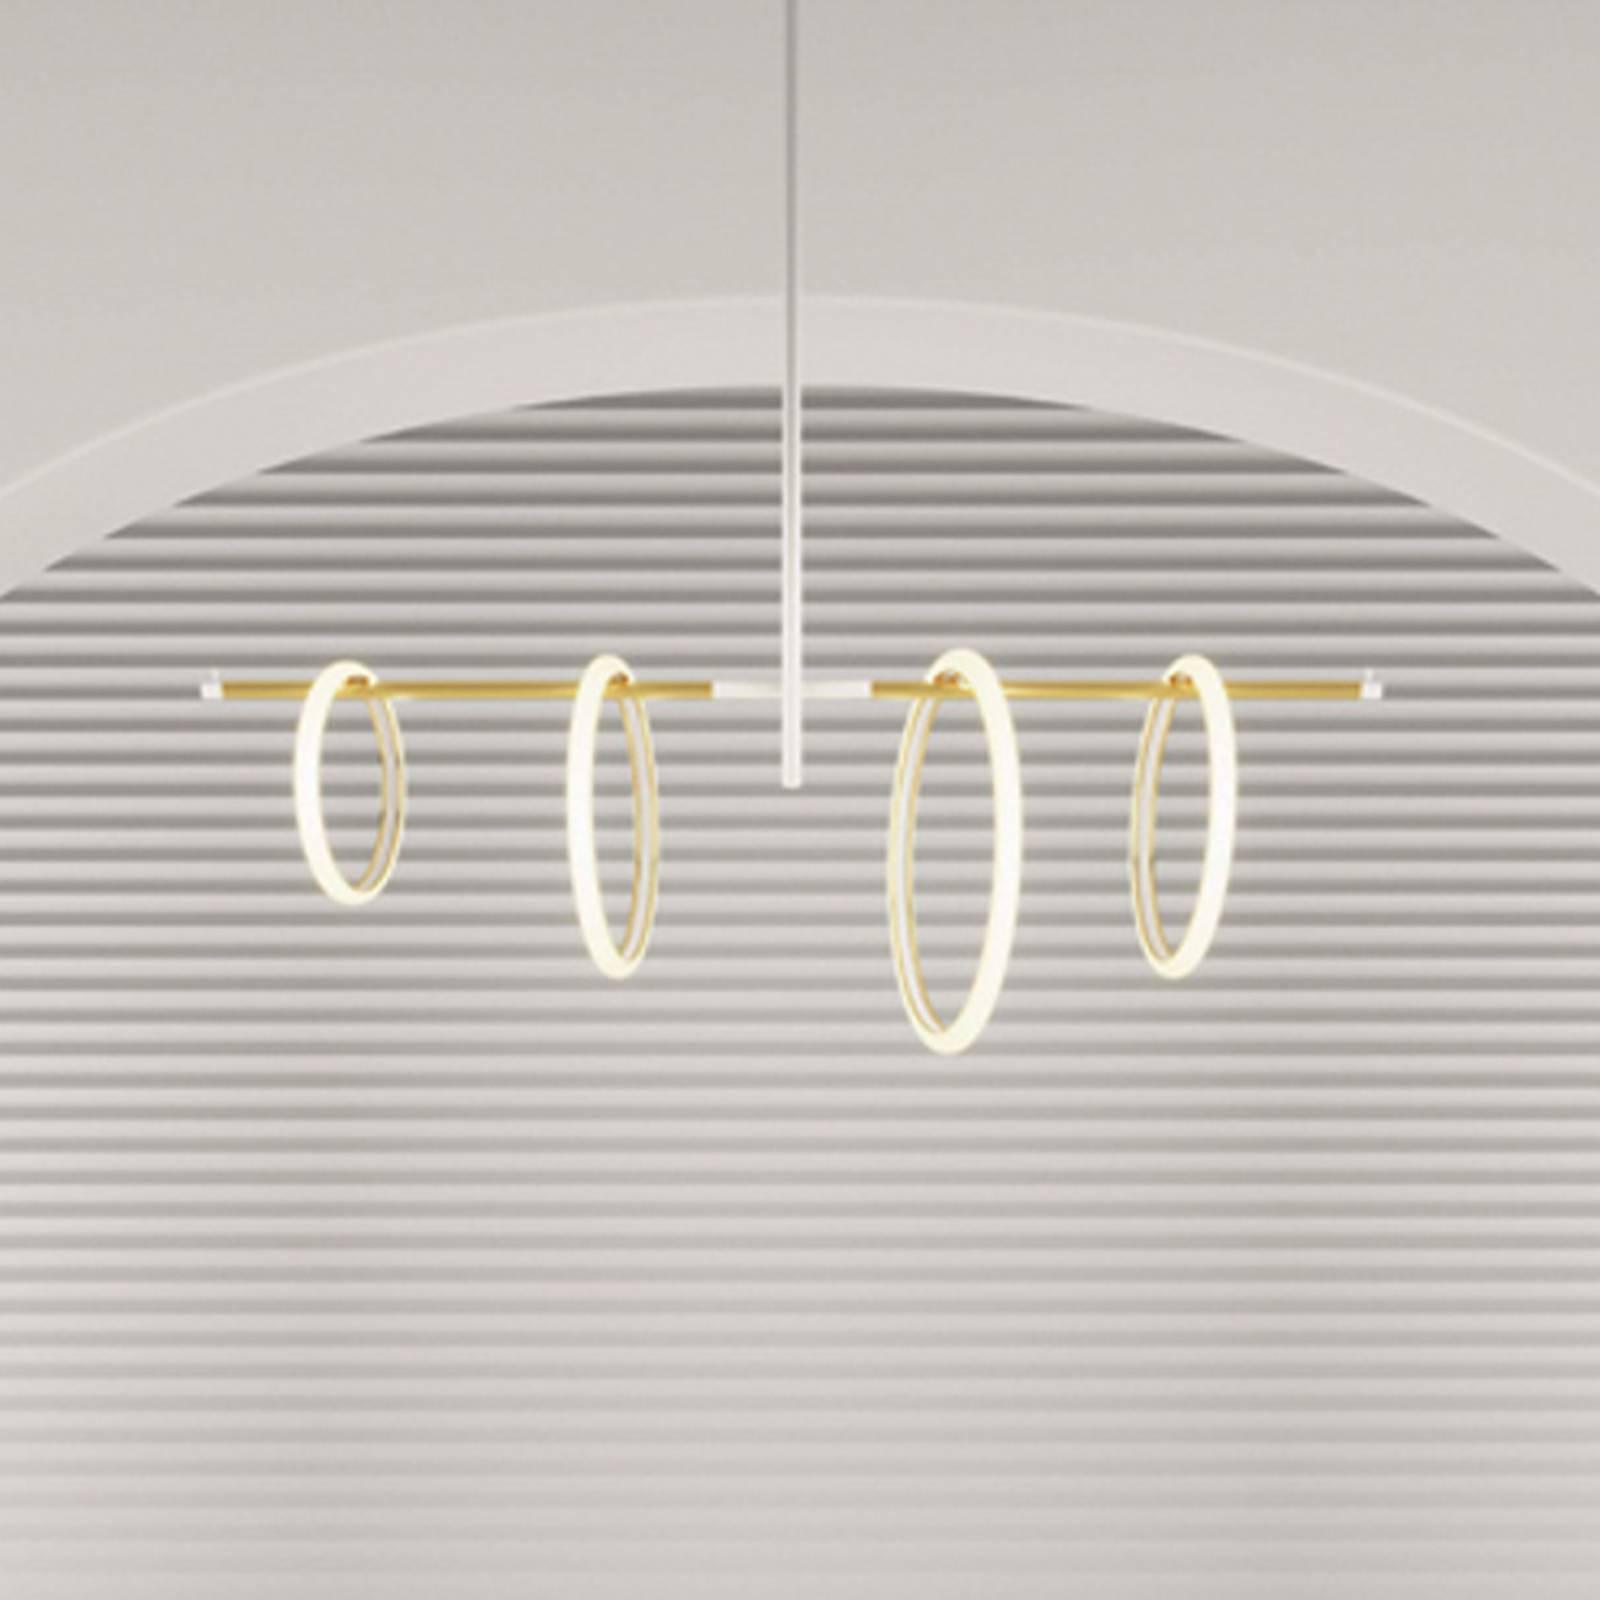 LED-riippuvalaisin Ulaop, 4 rengasta, valkoinen